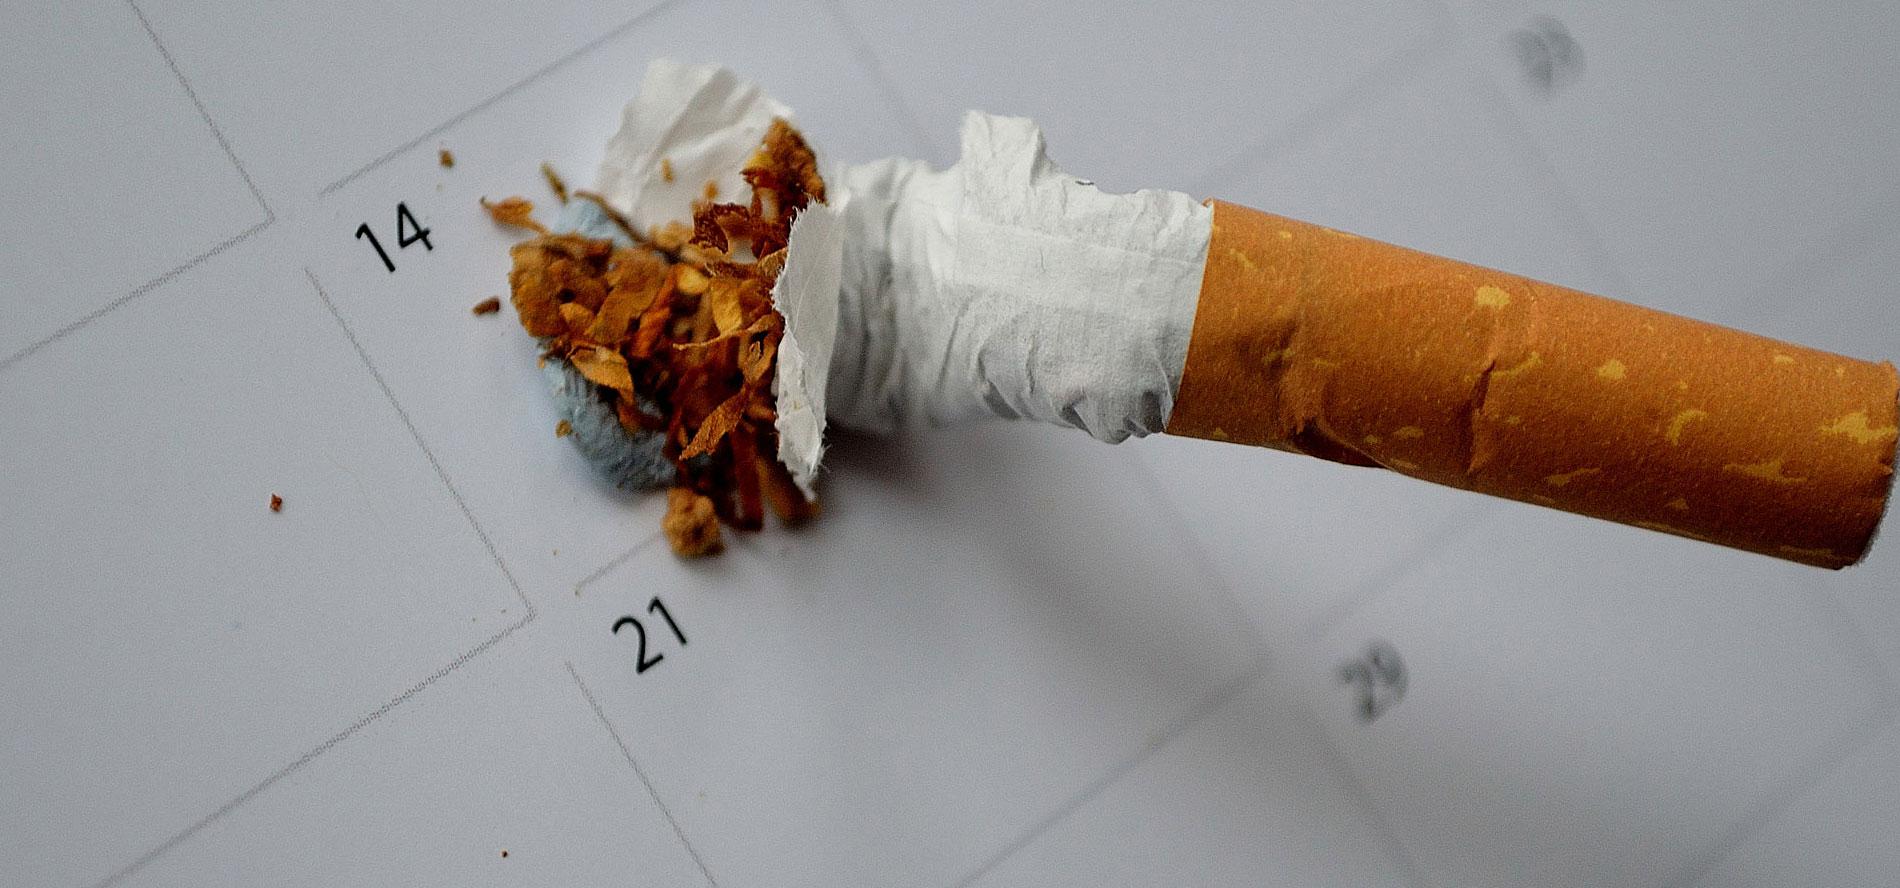 Come prendere buone abitudini